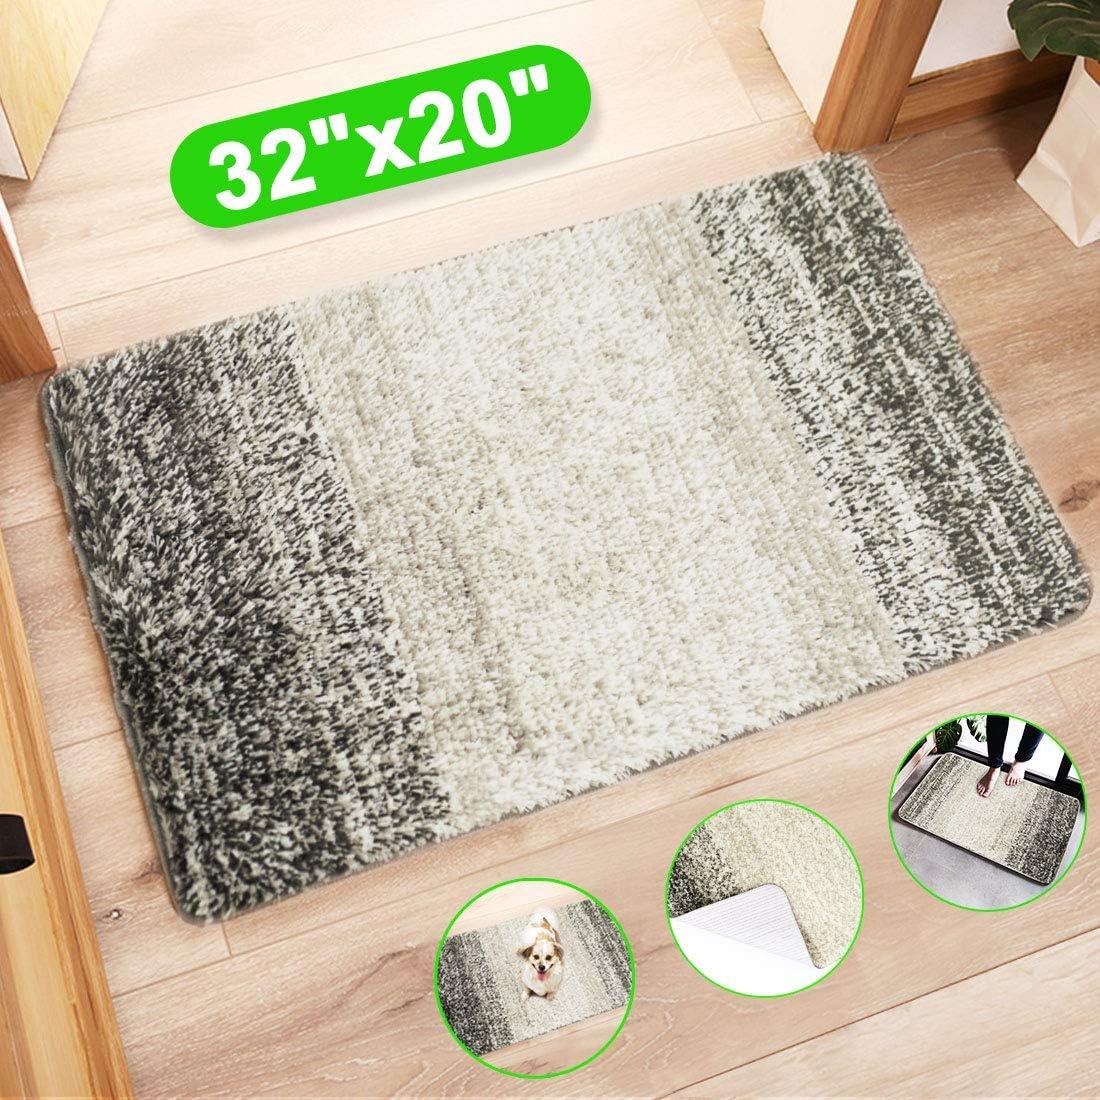 Amazon Com Indoor Doormat Front Door Mat Super Absorbent Entrance Door Rug Non Slip Back Door Mats Indoor Soft Entry Rugs Inside Machine Washable Door Carpet For Entryway 32 X20 Grey Gray Home Kitchen